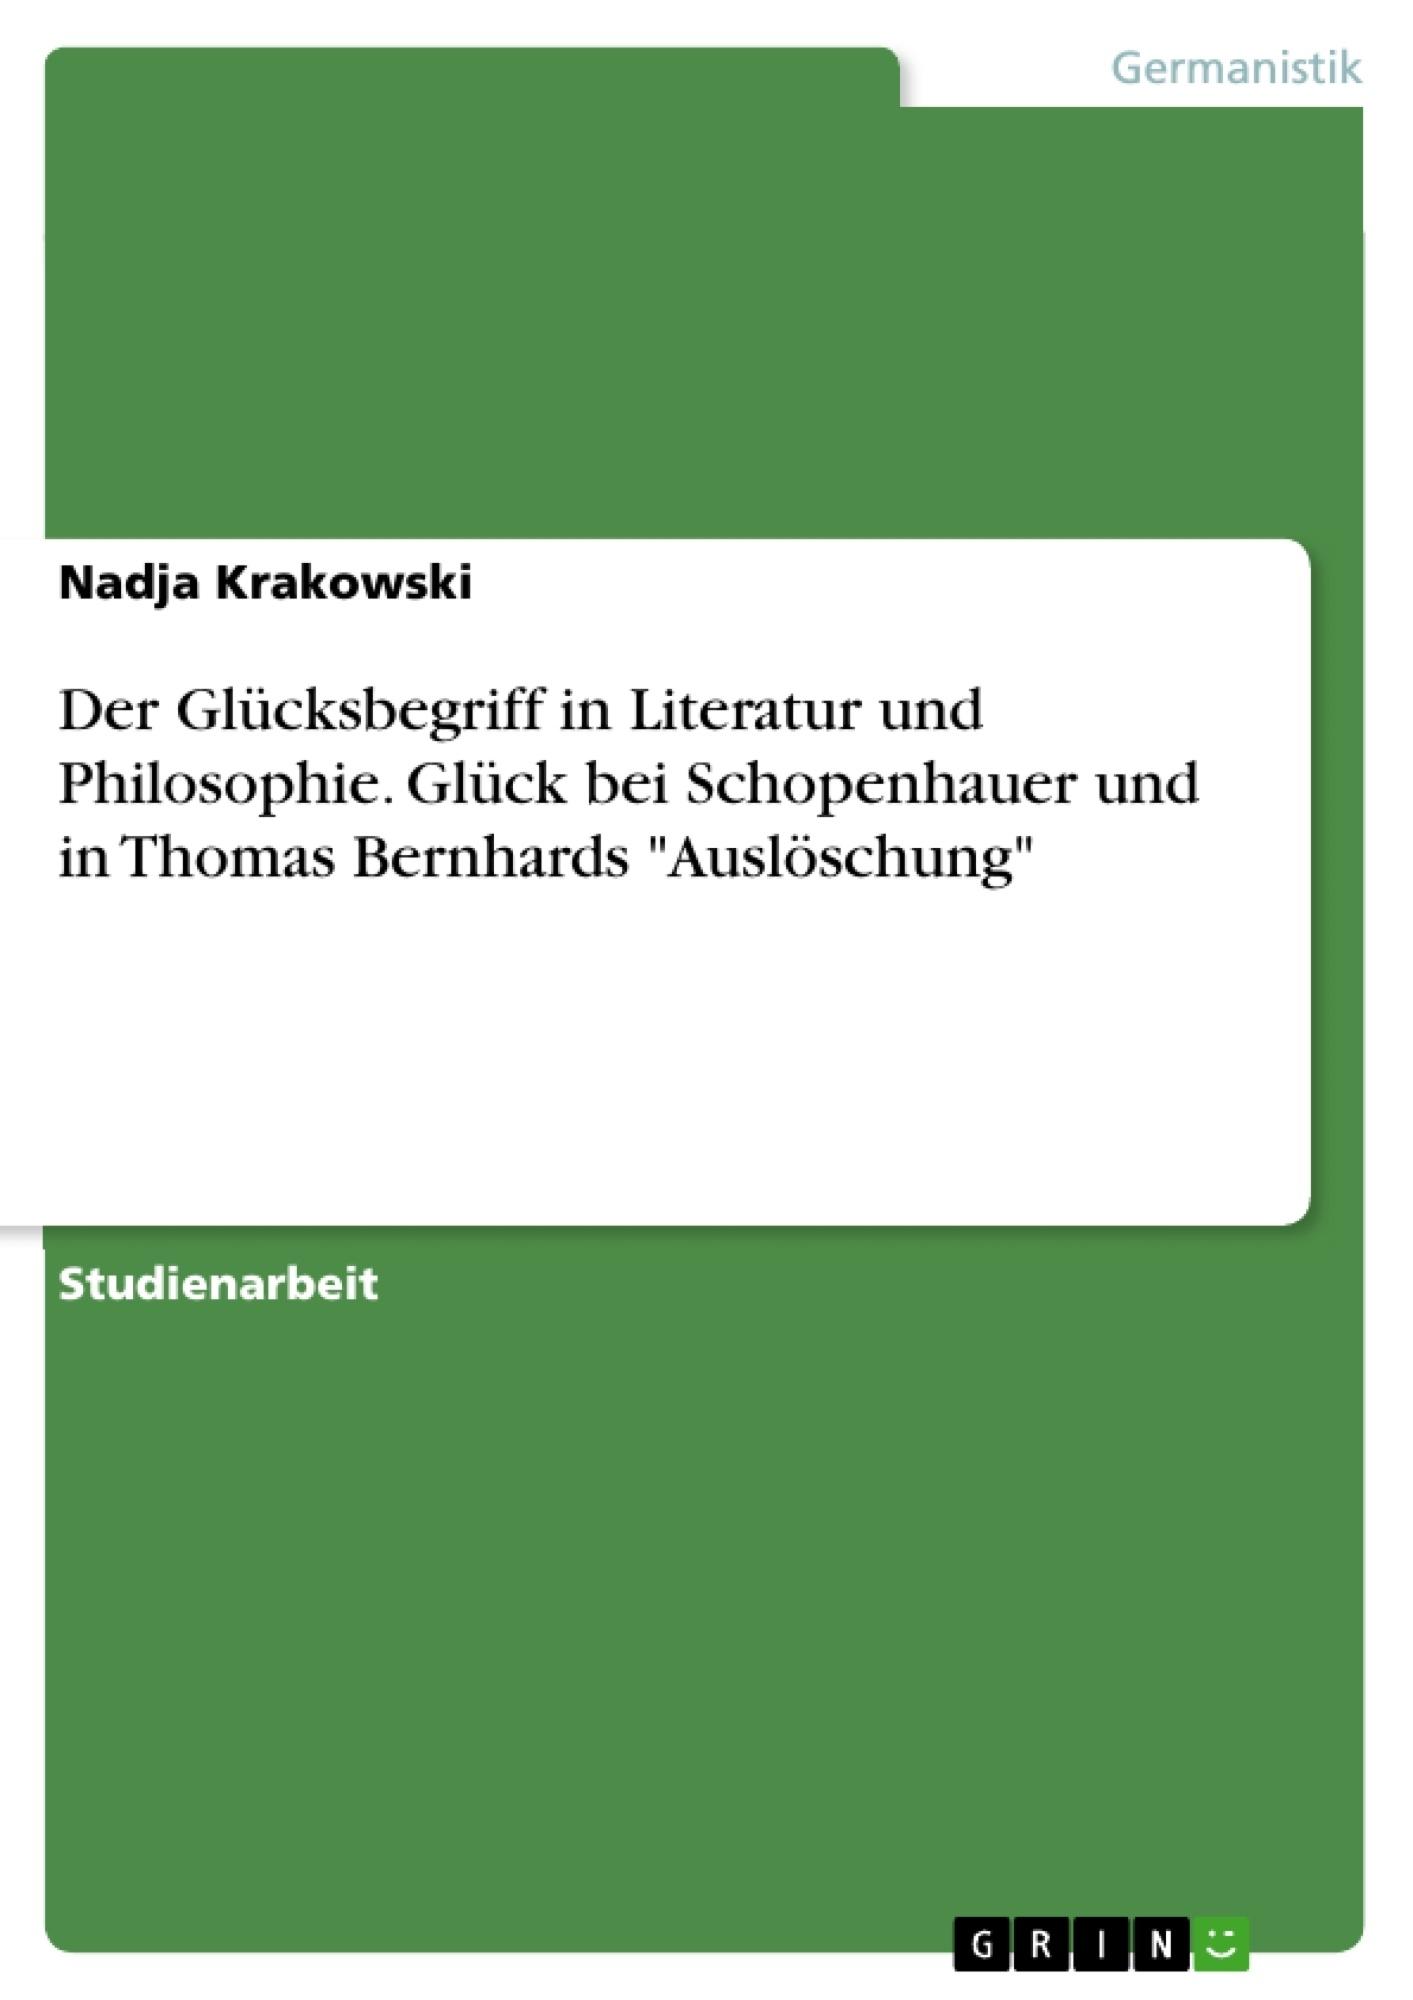 """Titel: Der Glücksbegriff in Literatur und Philosophie. Glück bei Schopenhauer und in Thomas Bernhards """"Auslöschung"""""""